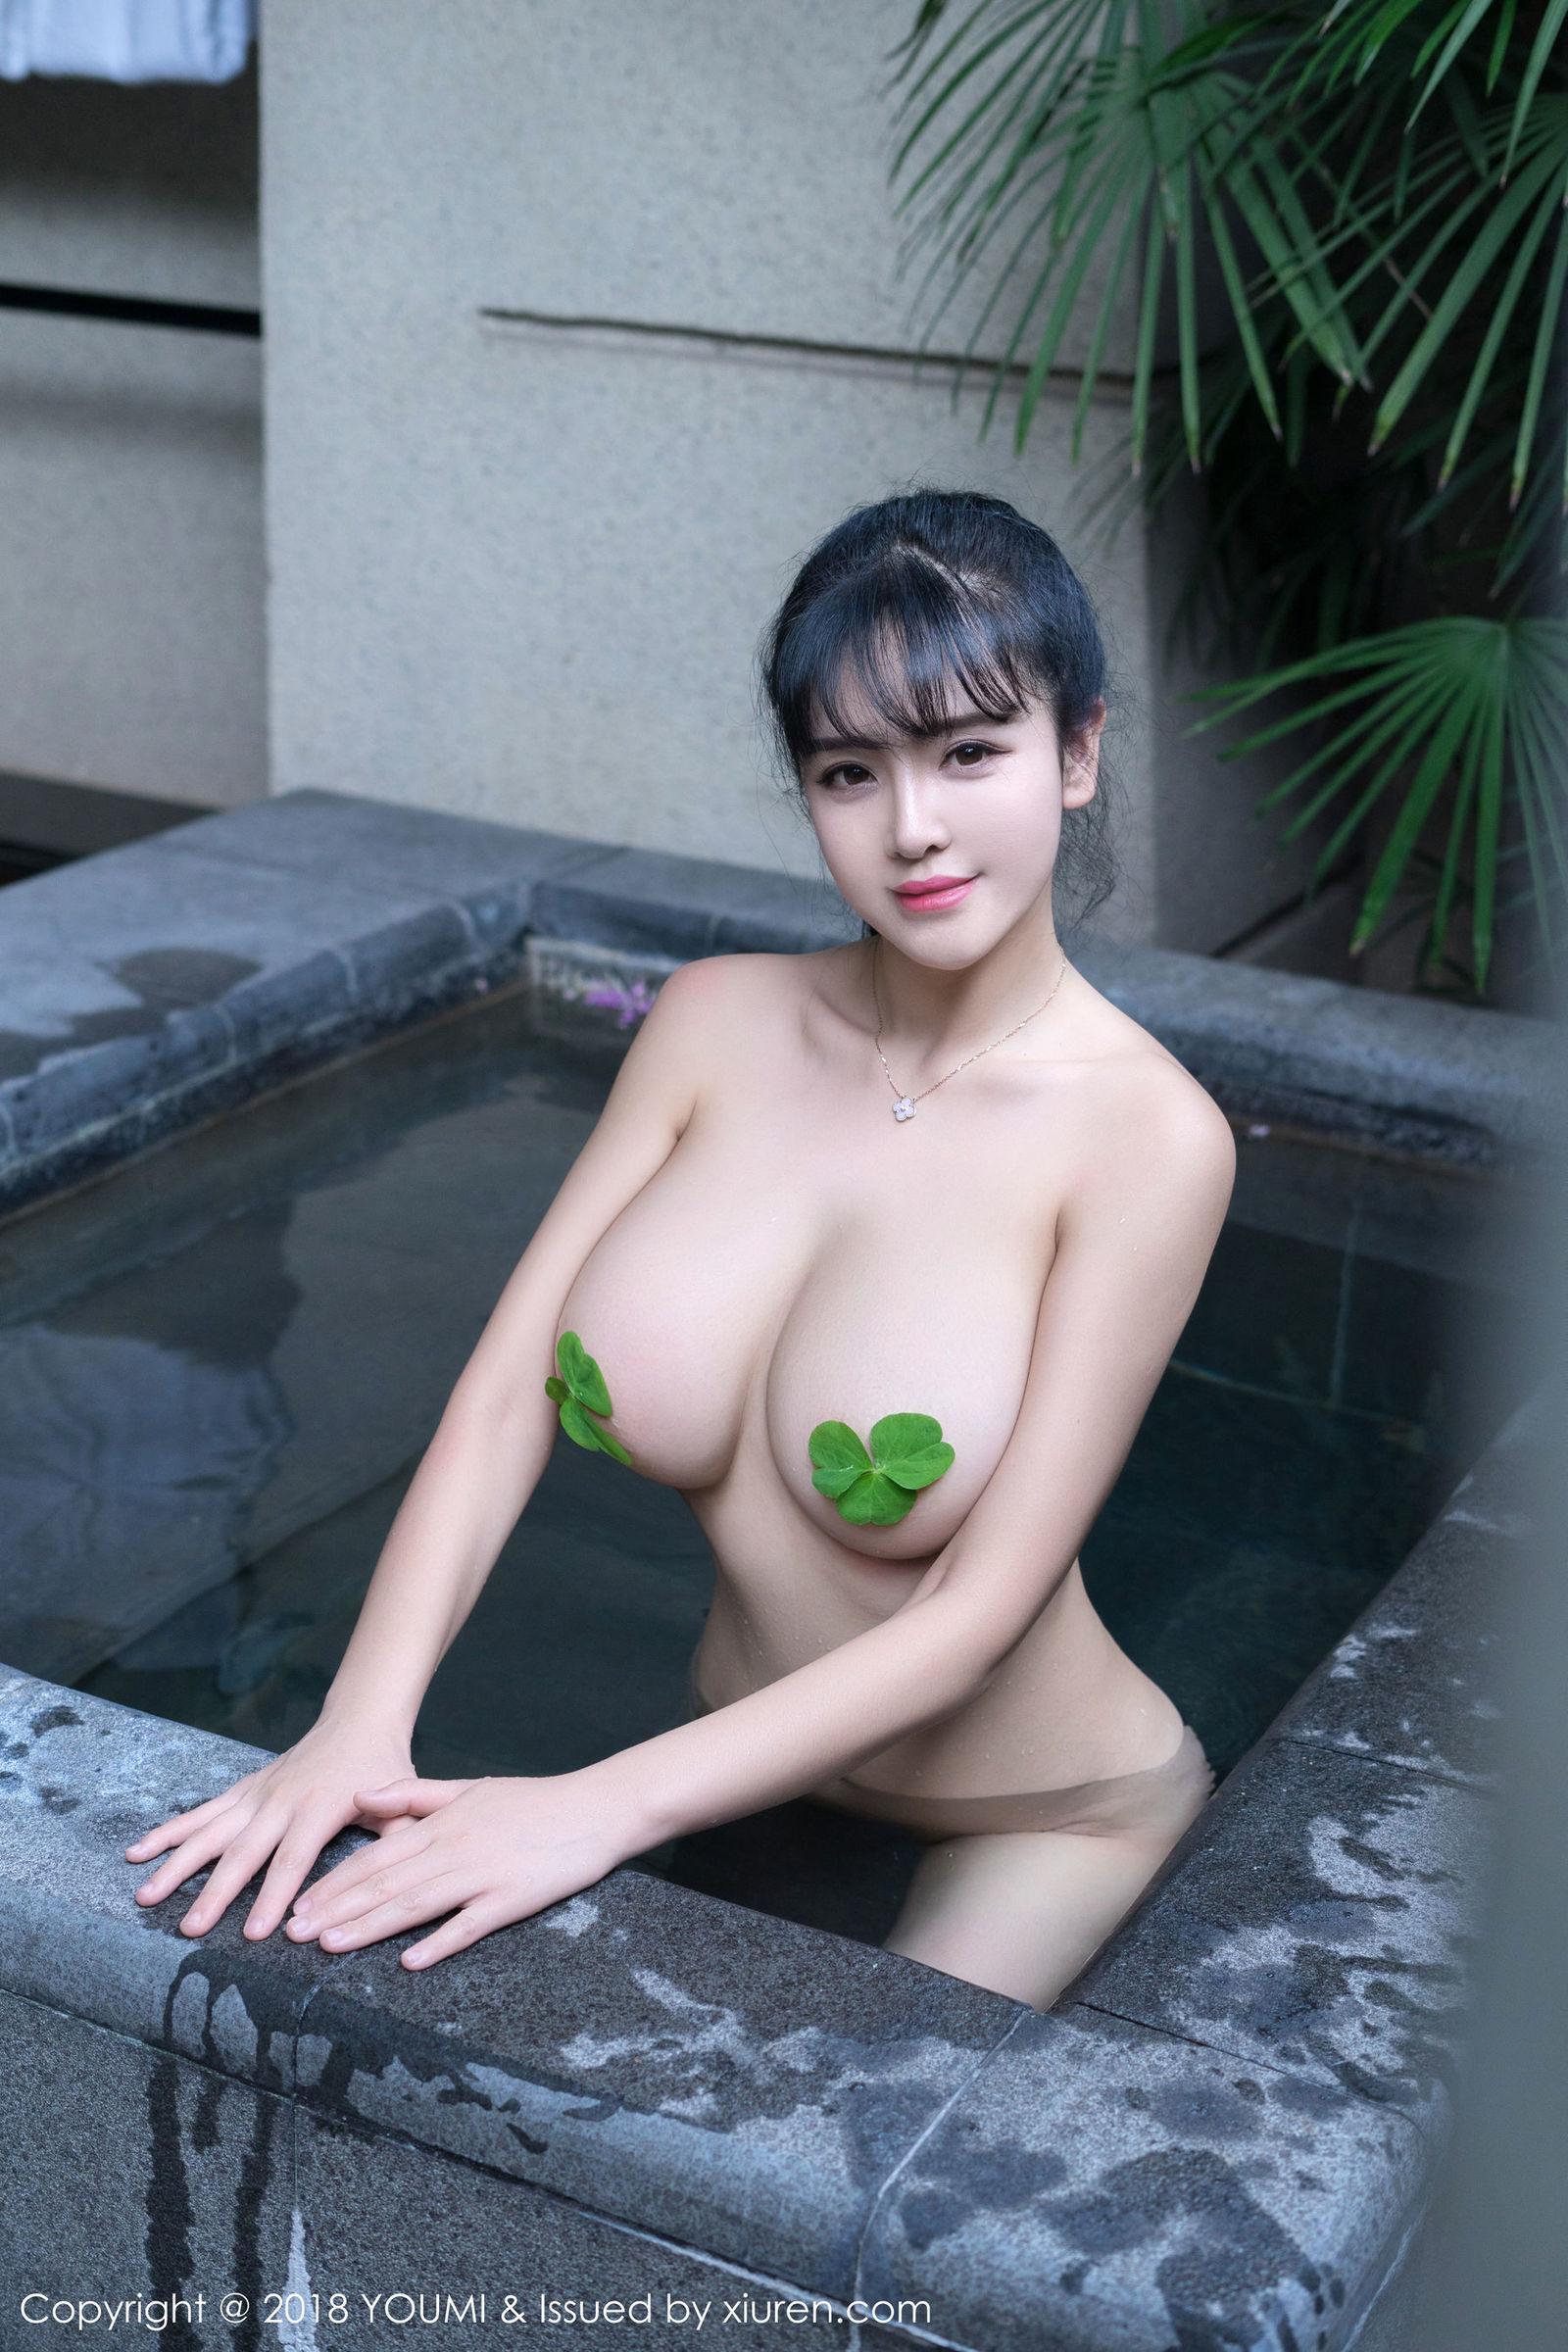 美女模特@刘钰儿浴池性感写真